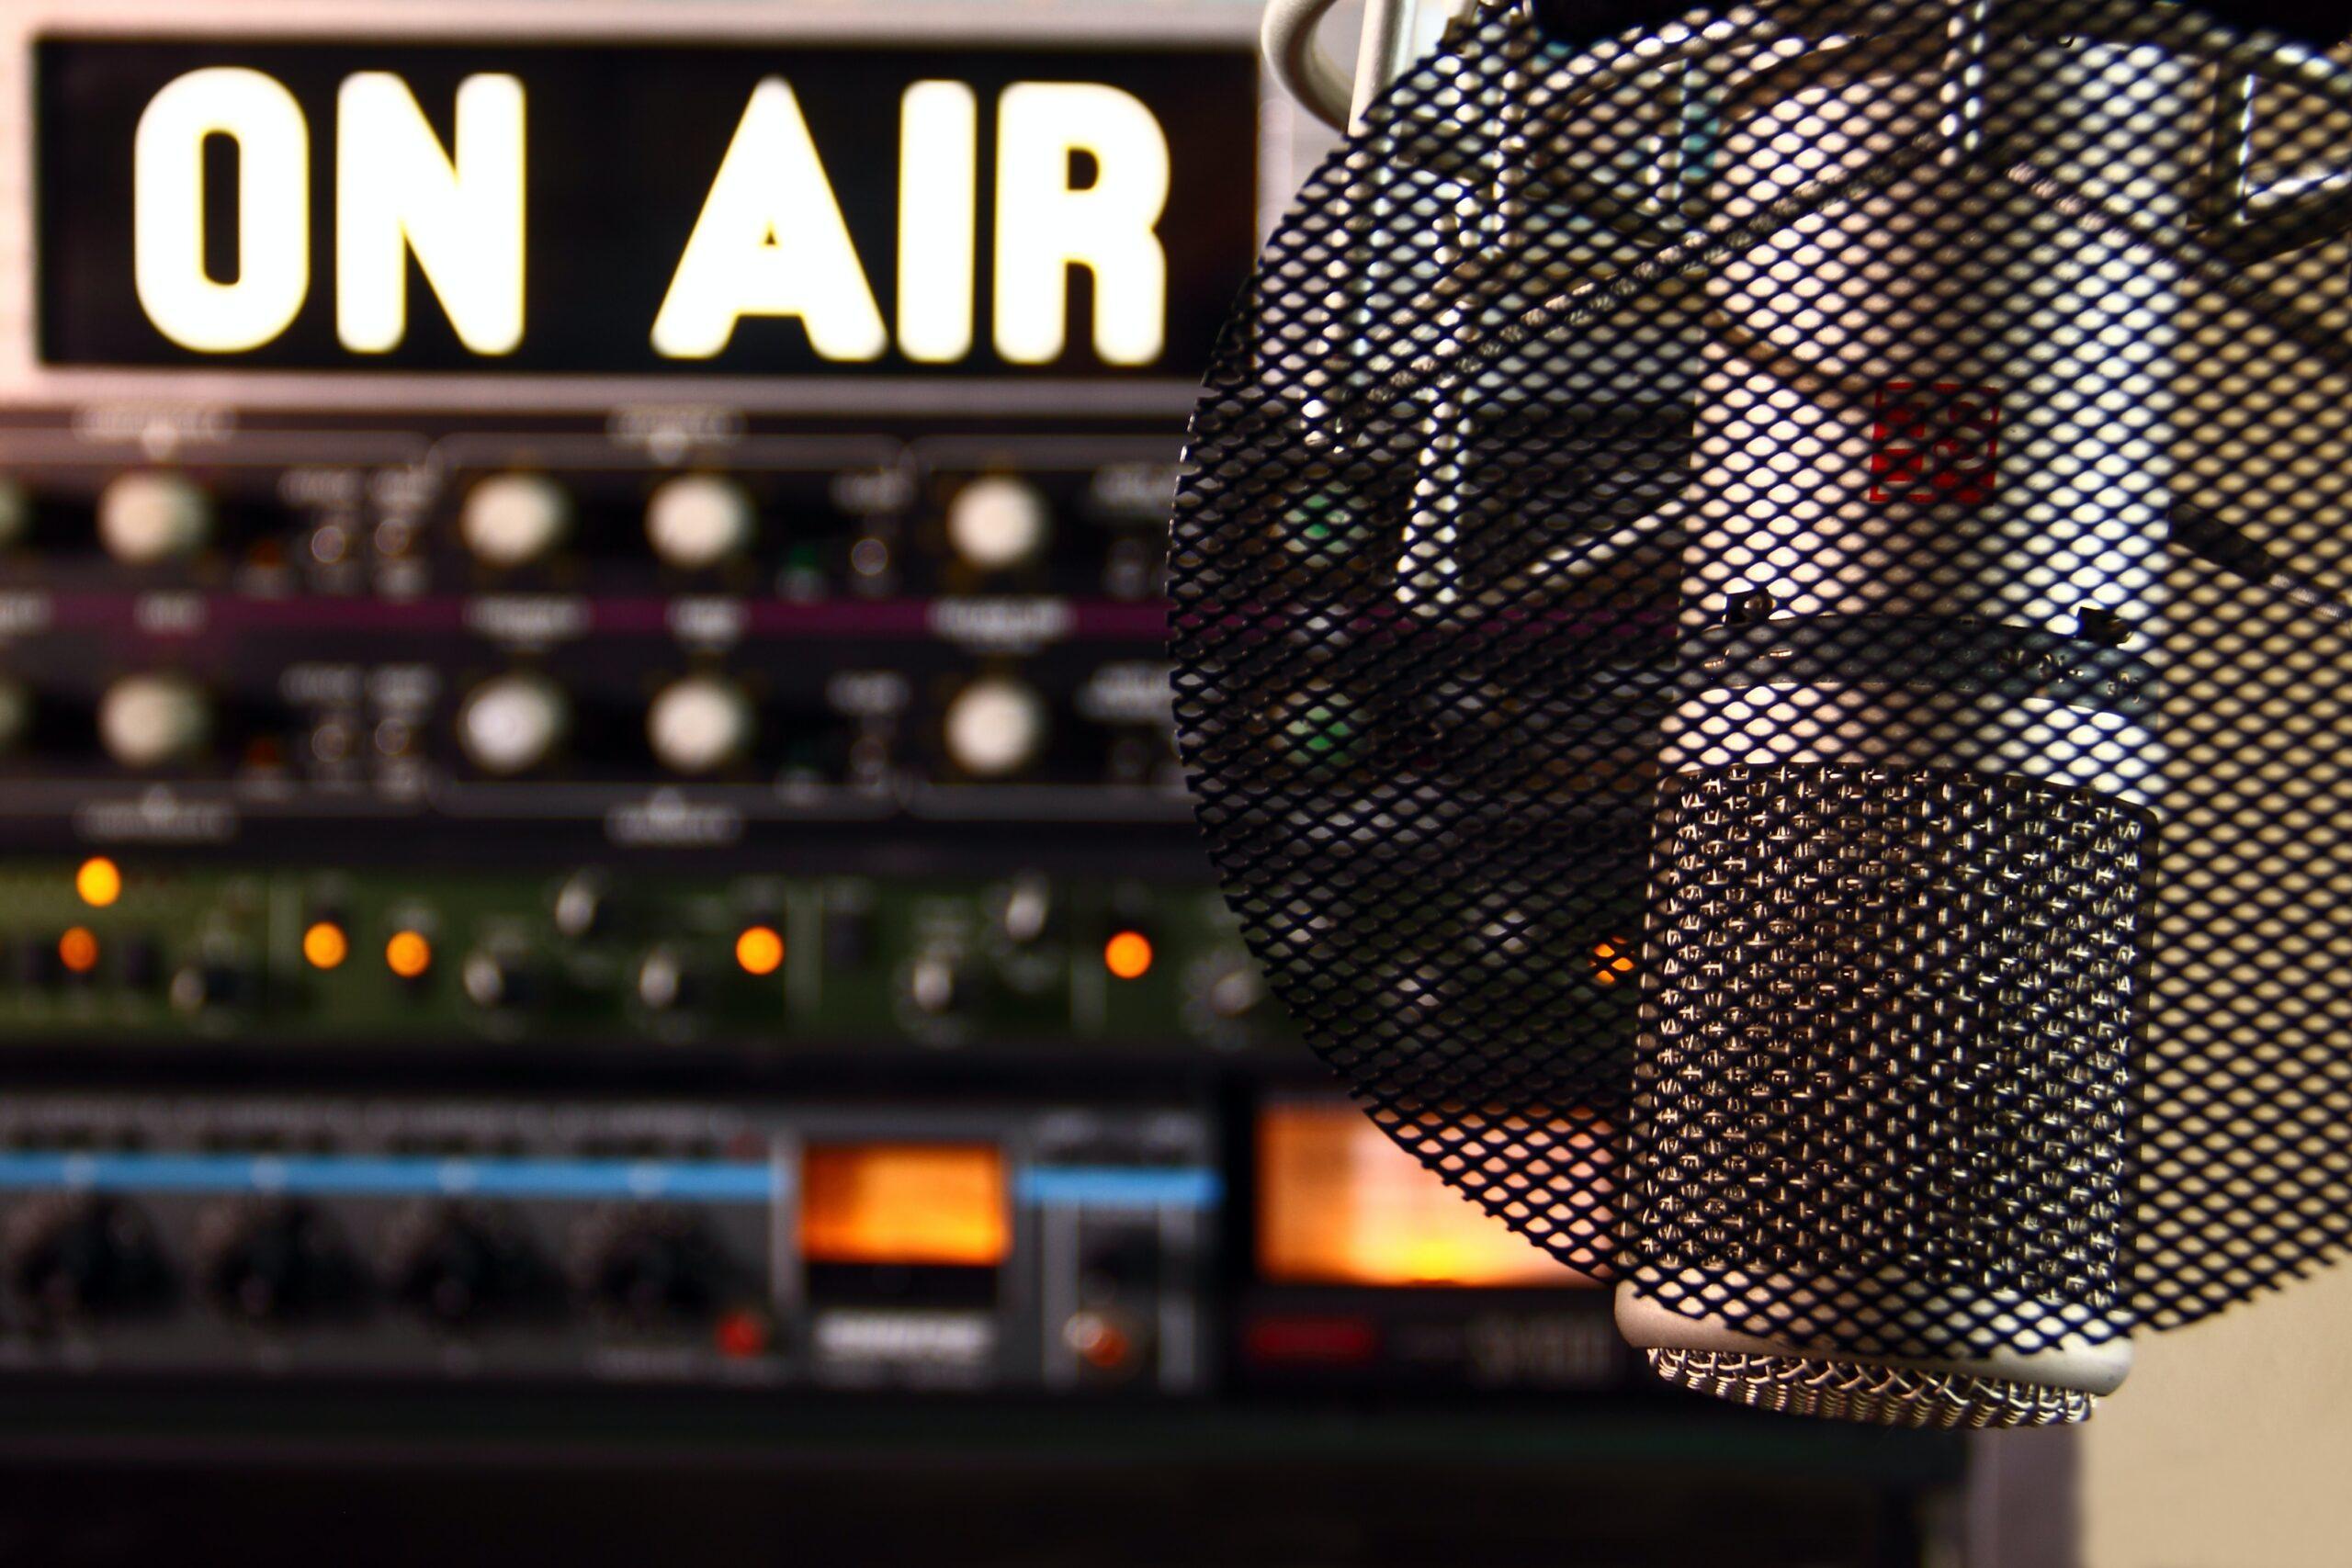 【ラジオ放送】~CBCラジオ8月の放送予定表~